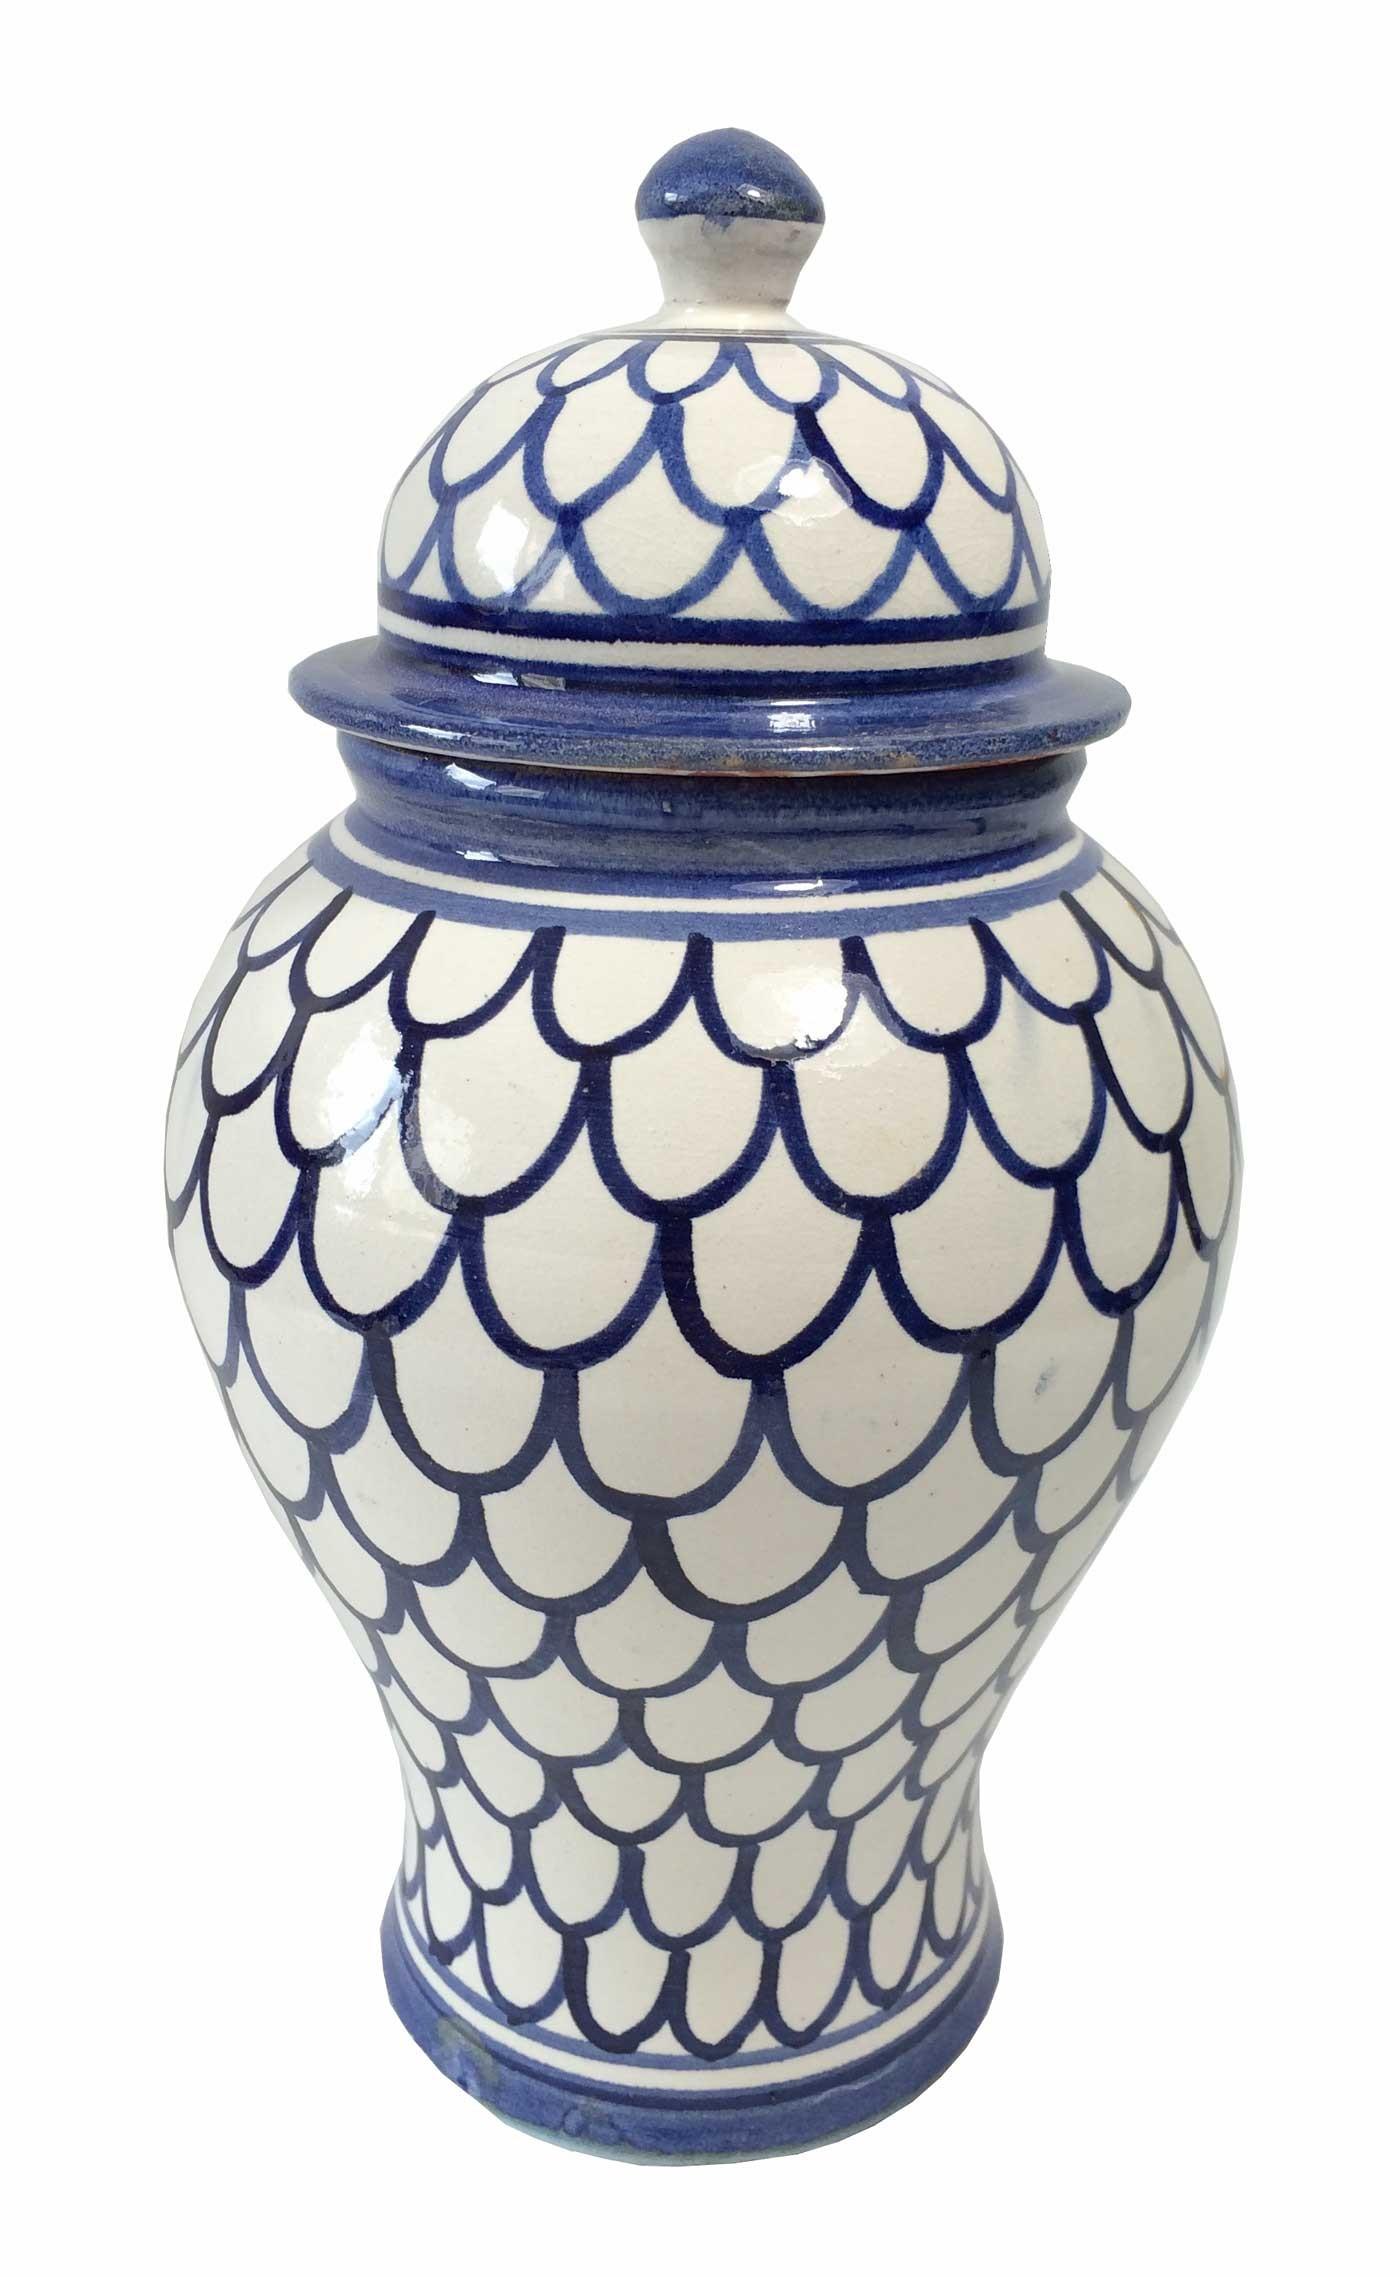 achat pot pharmacie vase bleu et blanc en c ramique. Black Bedroom Furniture Sets. Home Design Ideas